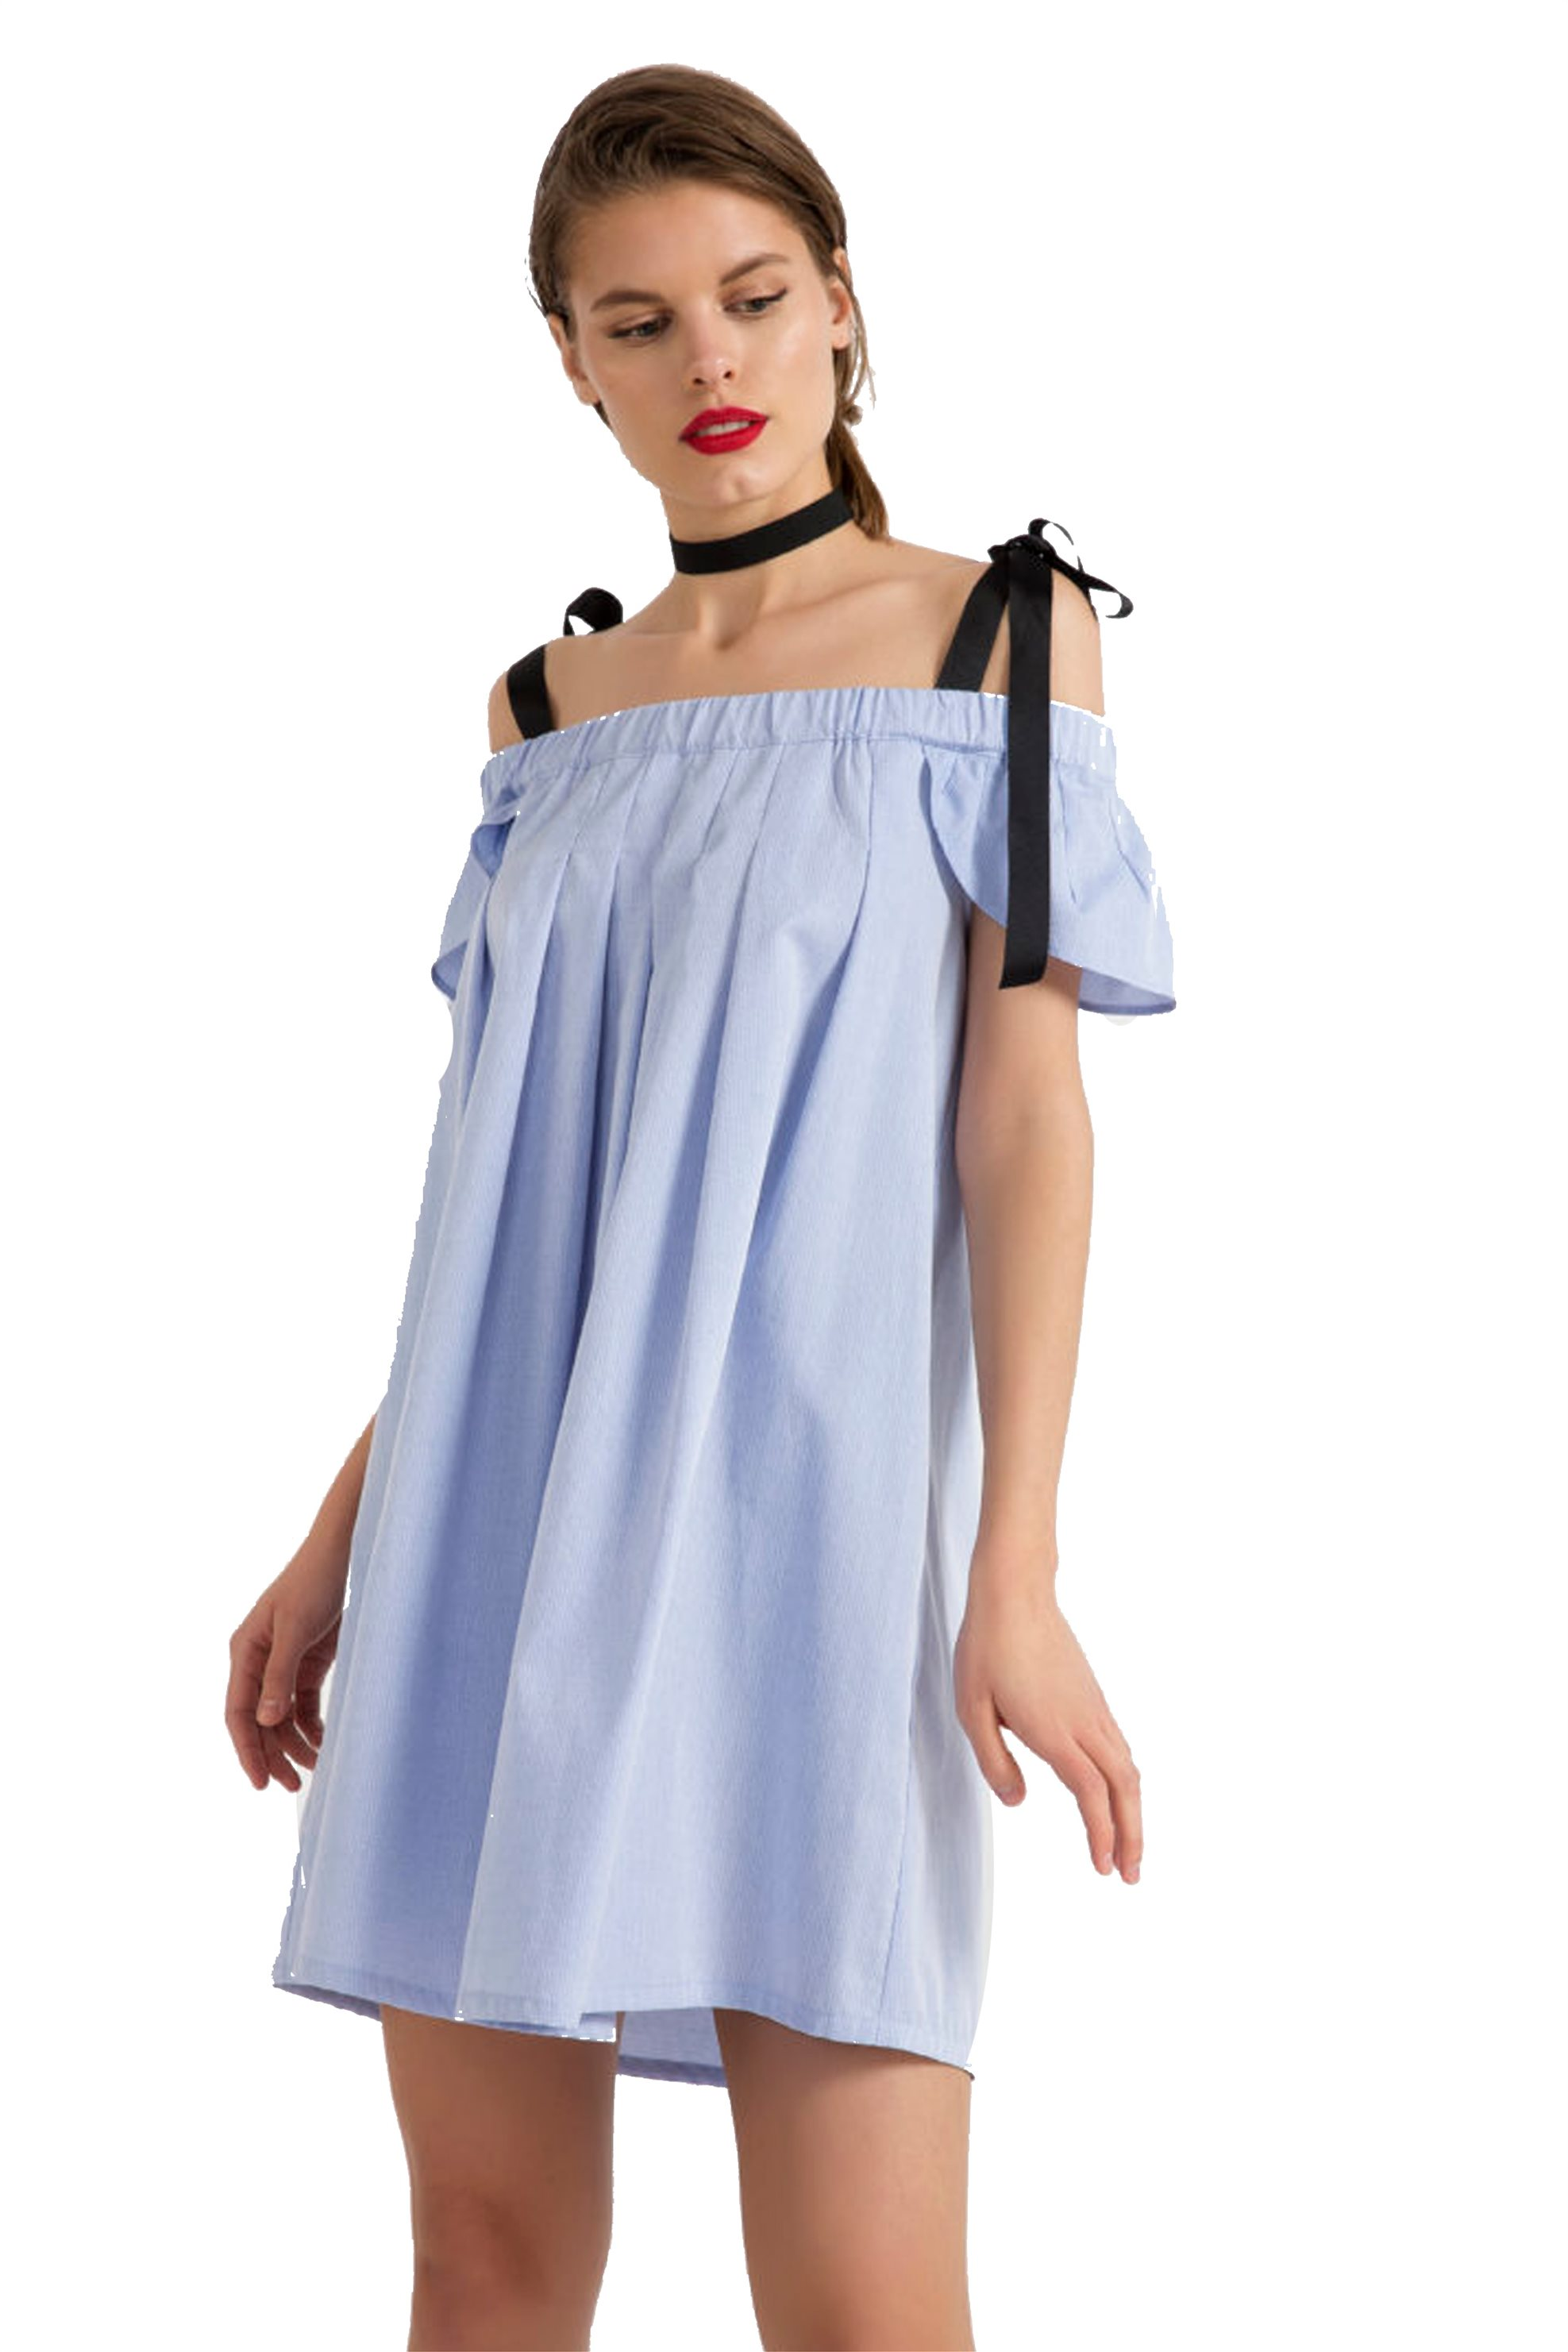 Γυναικεία   Ρούχα   Φορέματα   Καθημερινά   Γυναικείο φόρεμα λευκό ... 756d1c27e9b